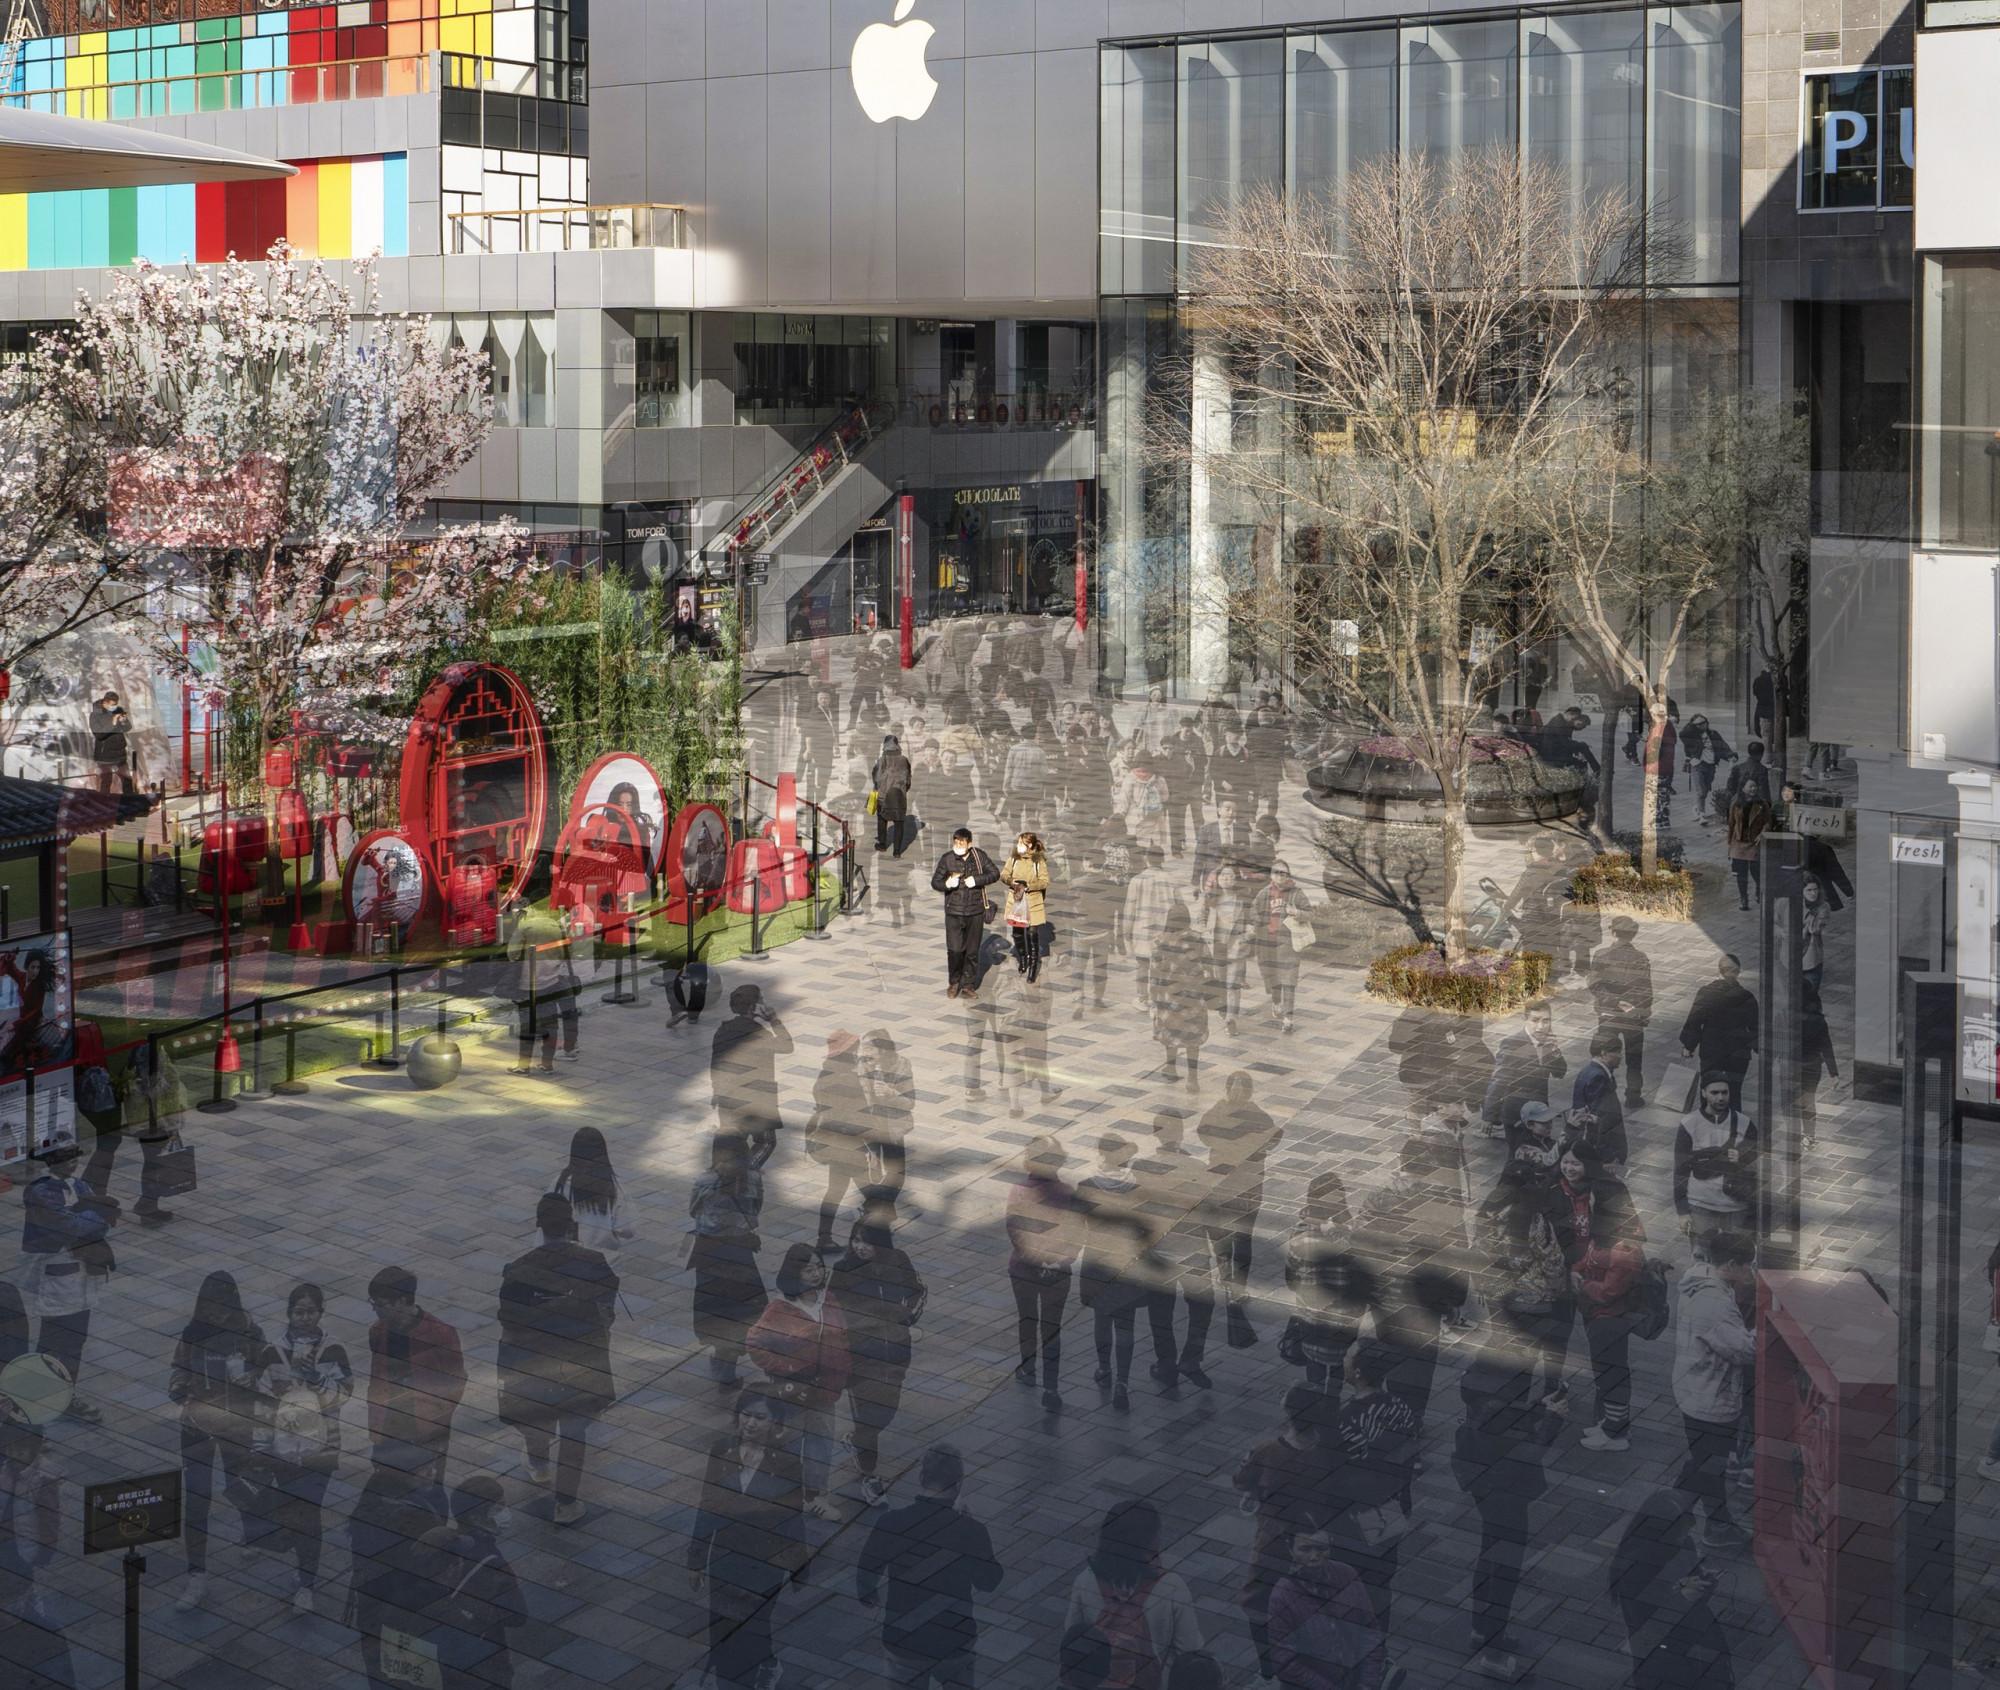 Quang cảnh khu mua sắm sang trọng thường tấp nập người tại Bắc Kinh, Trung Quốc giờ đây vô cùng vắng lặng do ảnh hưởng từ virus Vũ Hán.